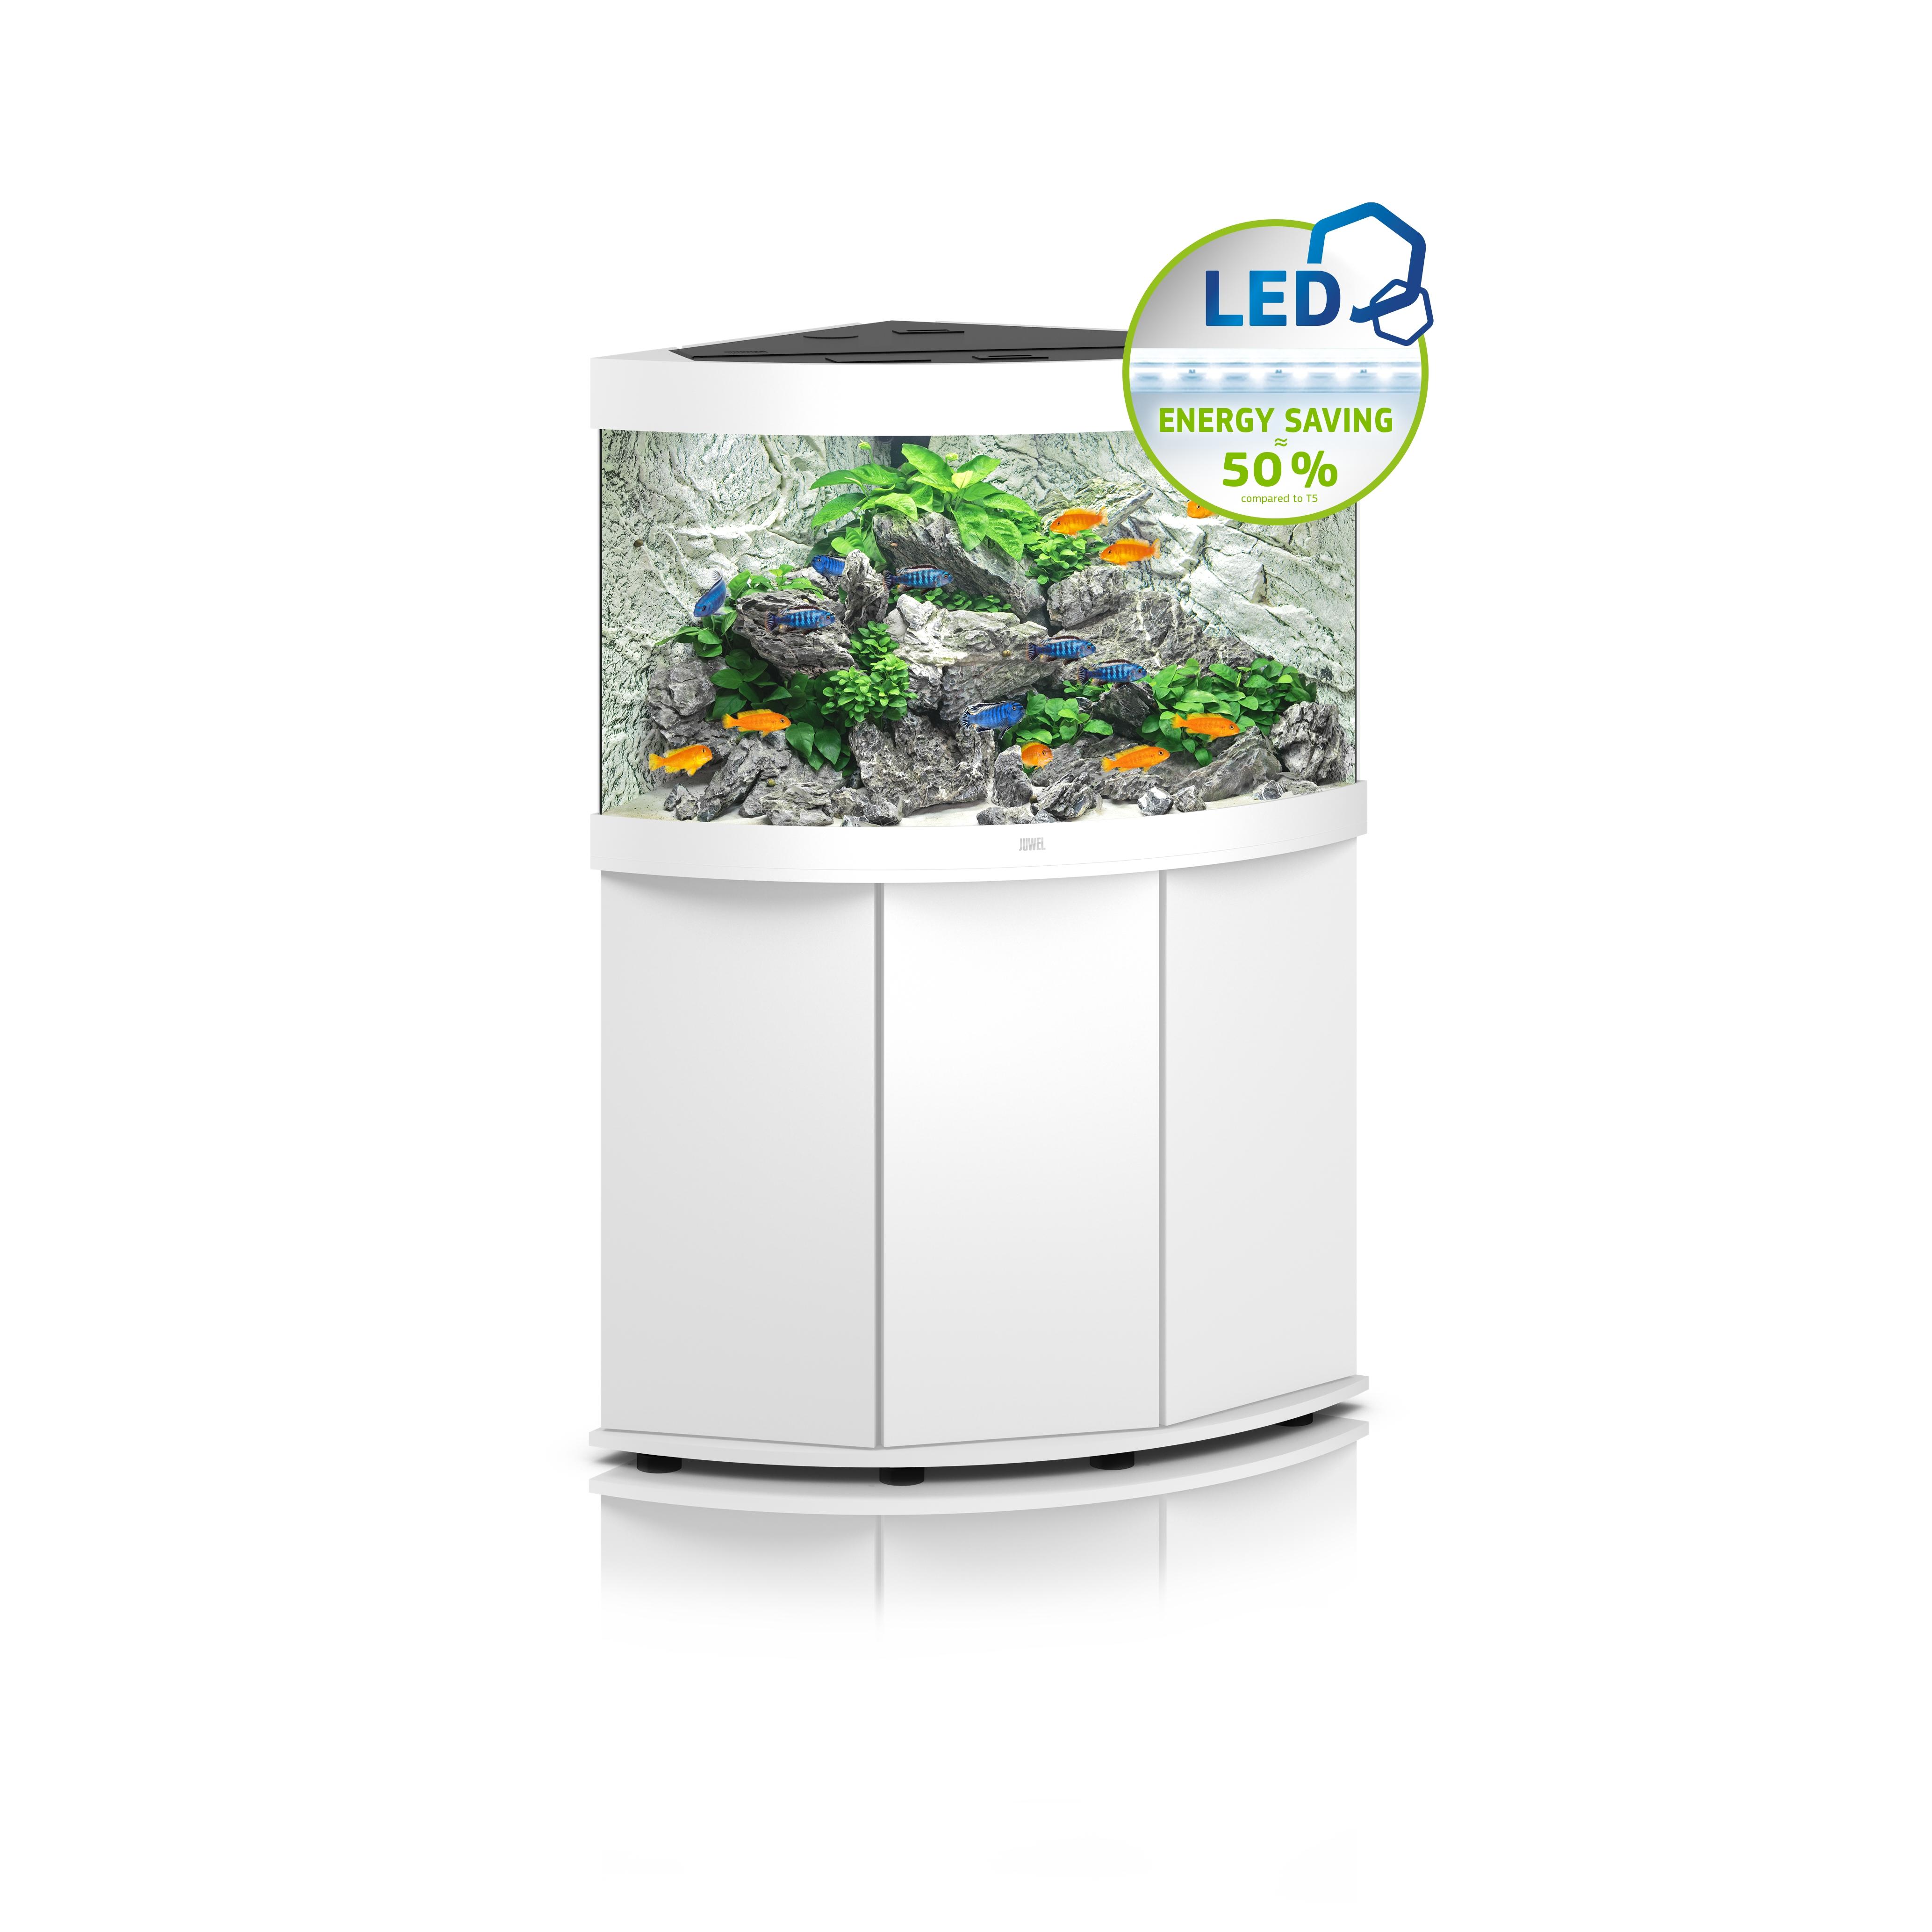 Aquarium Juwel Trigon 190 LED Image